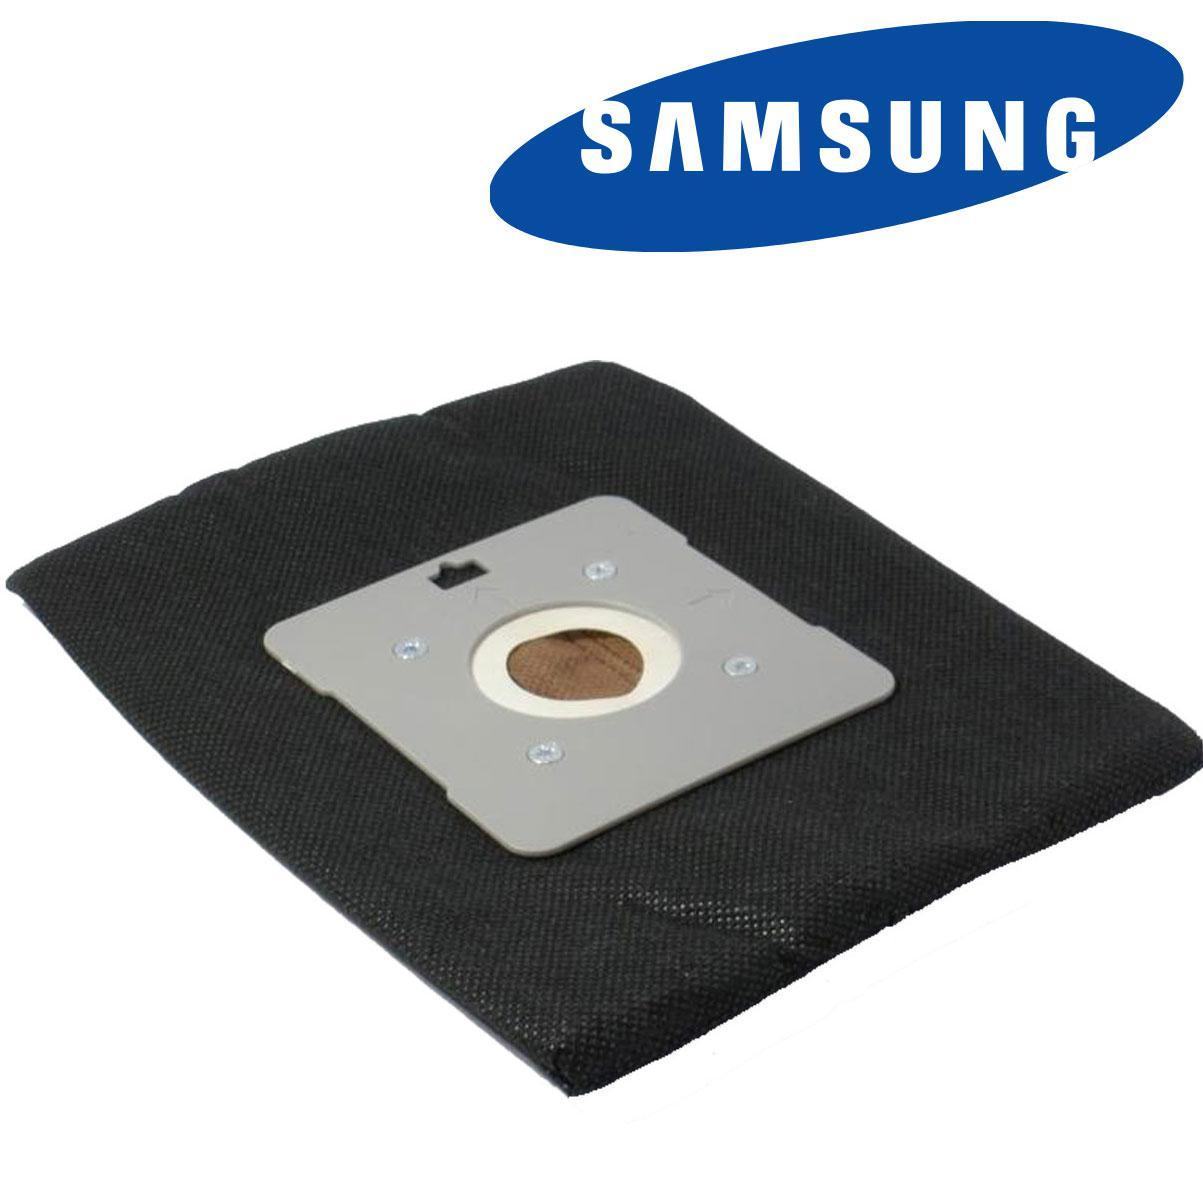 ➜ Мешок для пылесоса SAMSUNG на молнии DJ6900420B не оригинал